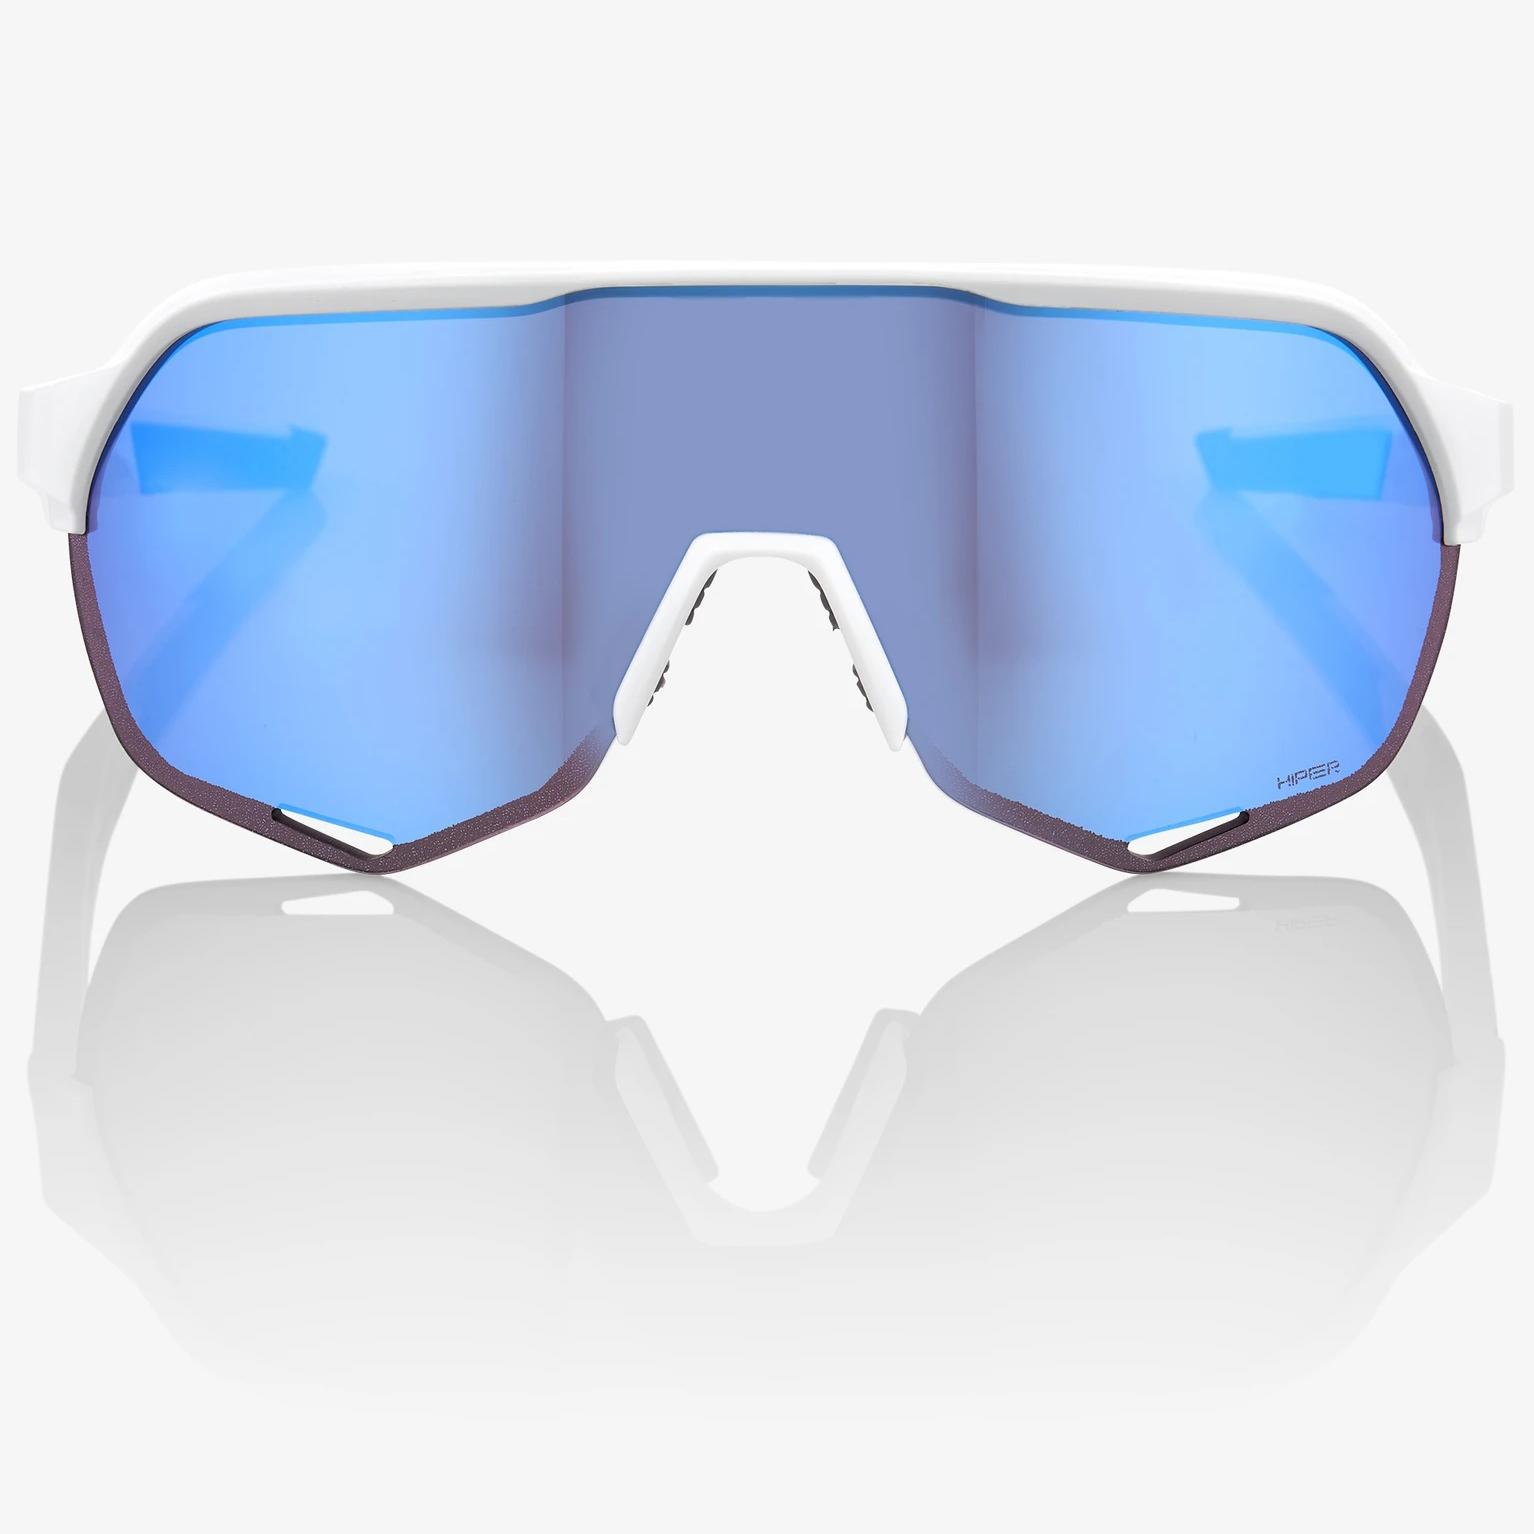 Imagen de 100% S2 HiPER Mirror Gafas - Matte White/Blue Mutlilayer + Clear